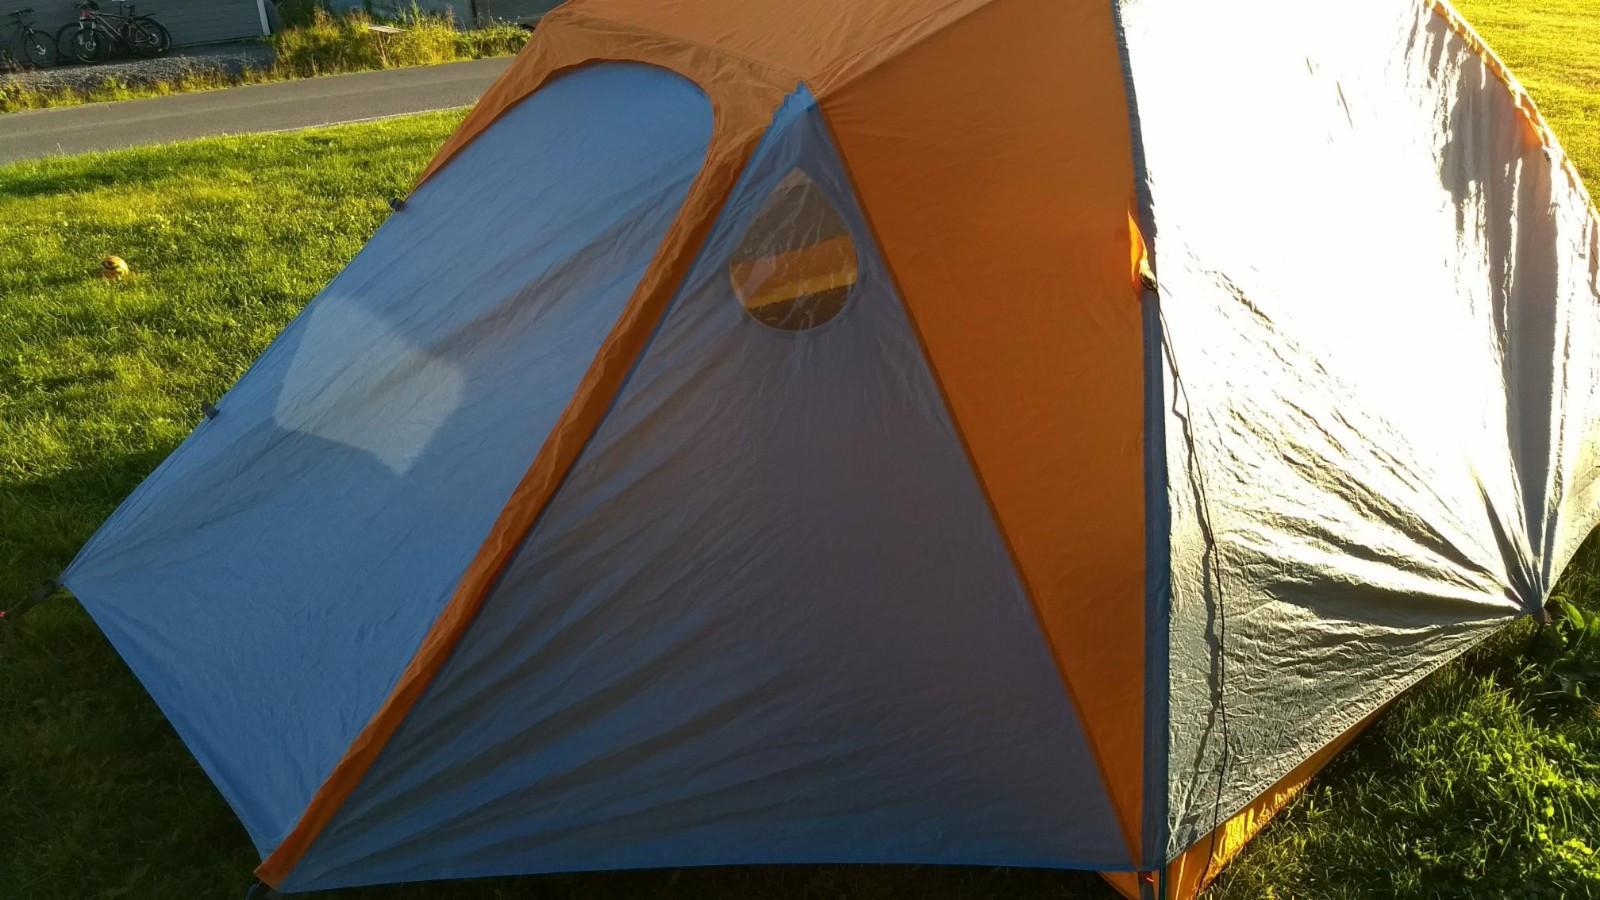 Marmot Limelight 4P - Kvaløya  - Perfekt, men lite brukt 4-mannstelt selges.  Teltet er et romslig 3-sesongers telt med god takhøyde. Veldig enkelt å sette opp, komfortabelt å bruke og lett å ta med. Kan også brukes med bare innerduk, som med sine store mesh-flater føre - Kvaløya